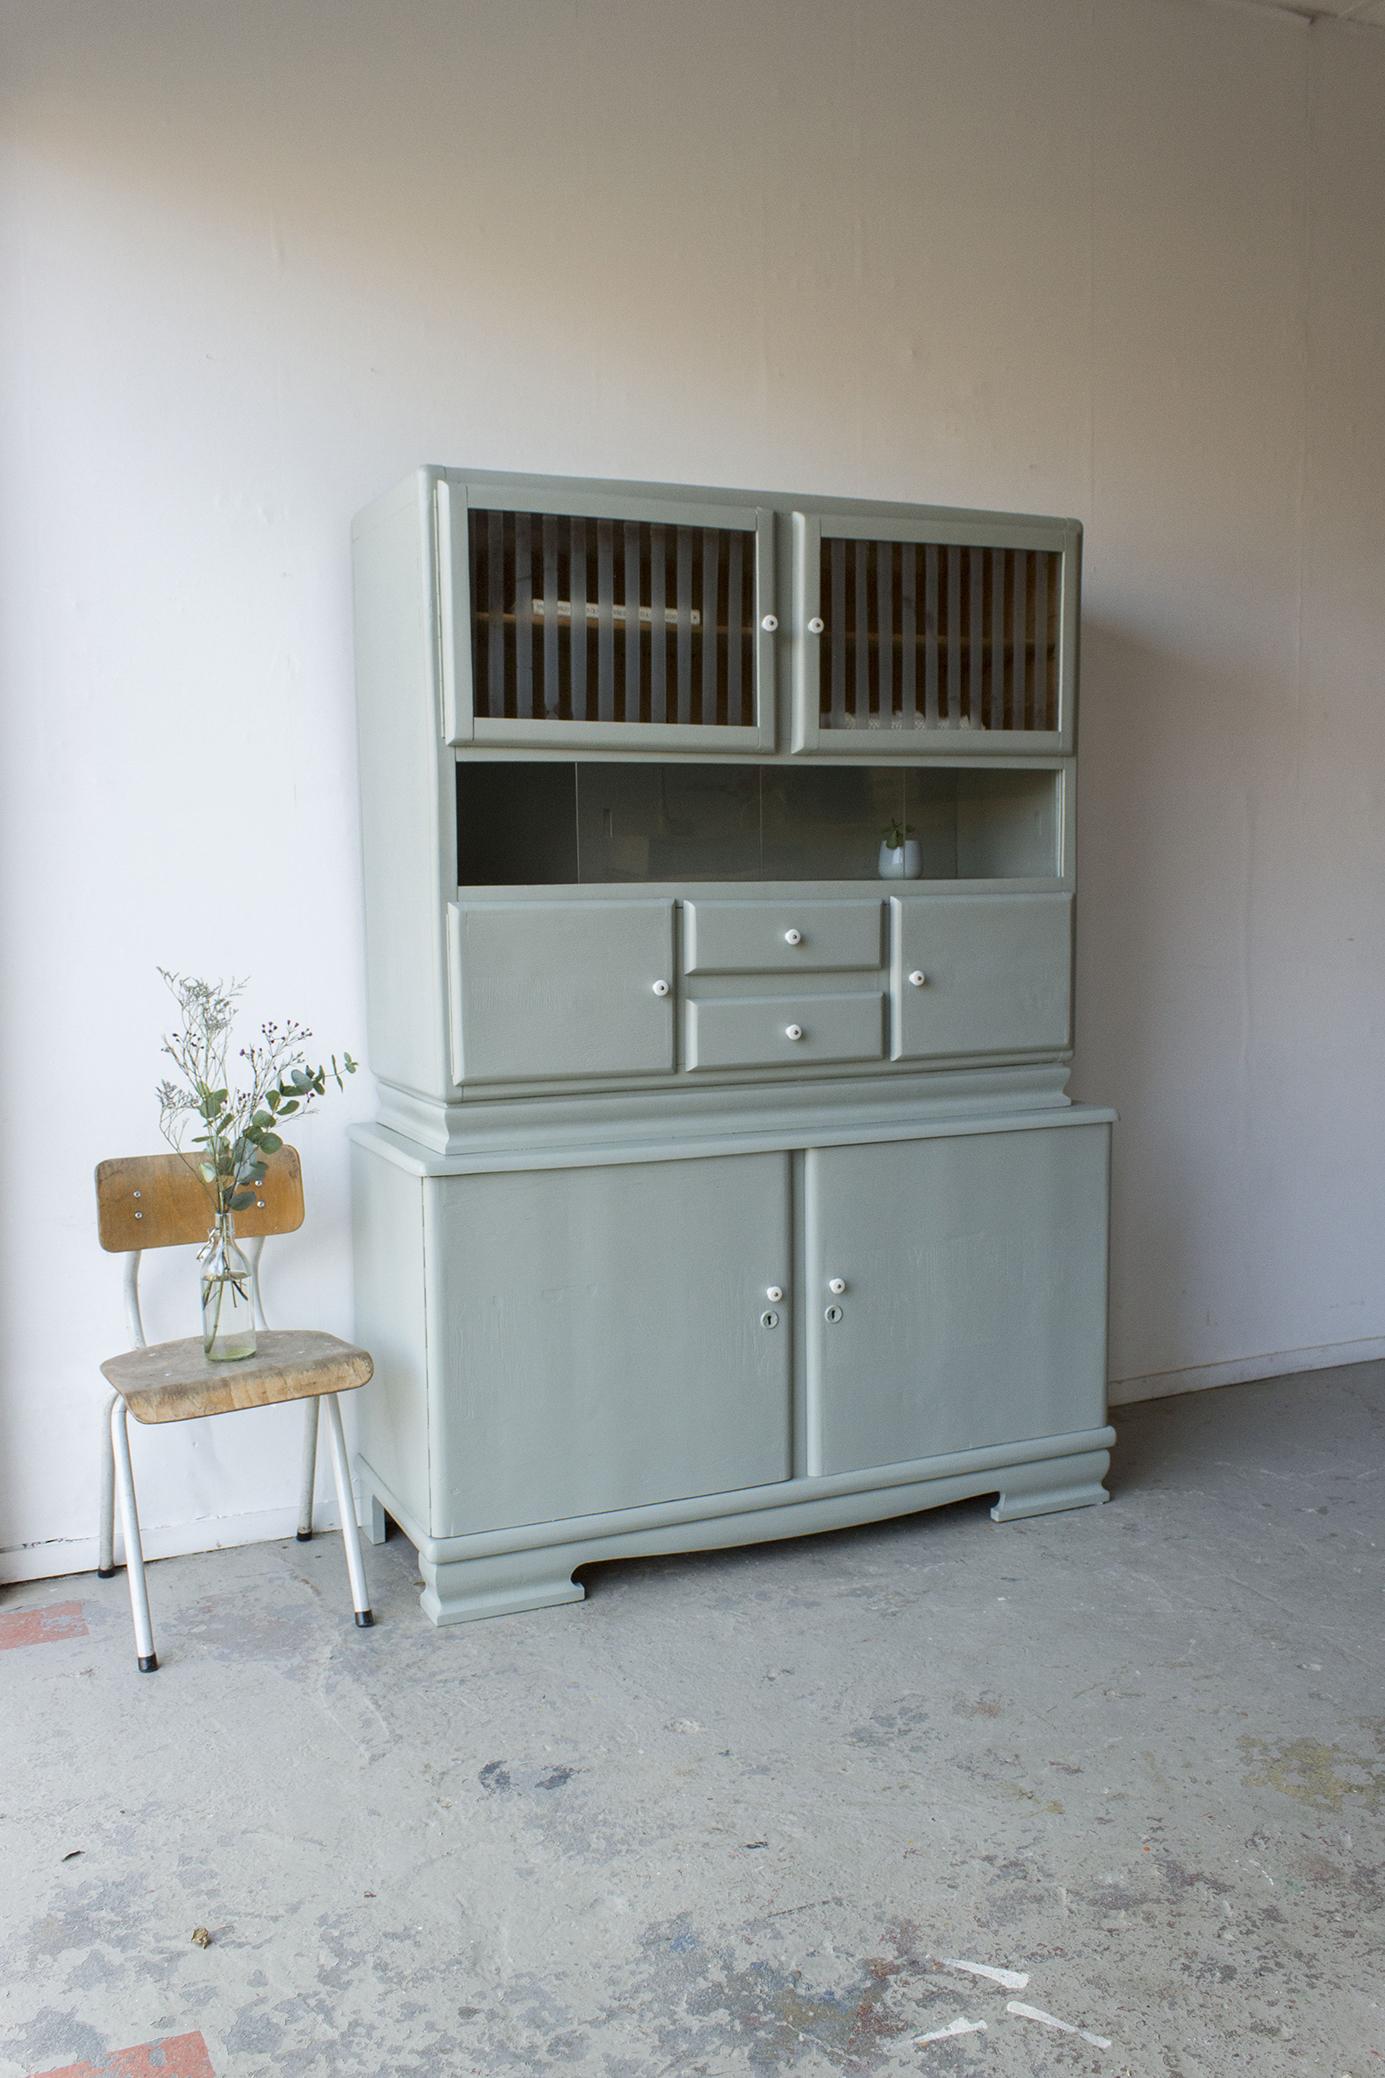 _Grijsgroene vintage keukenkast met ruitjes -  Firma zoethout_5.jpg